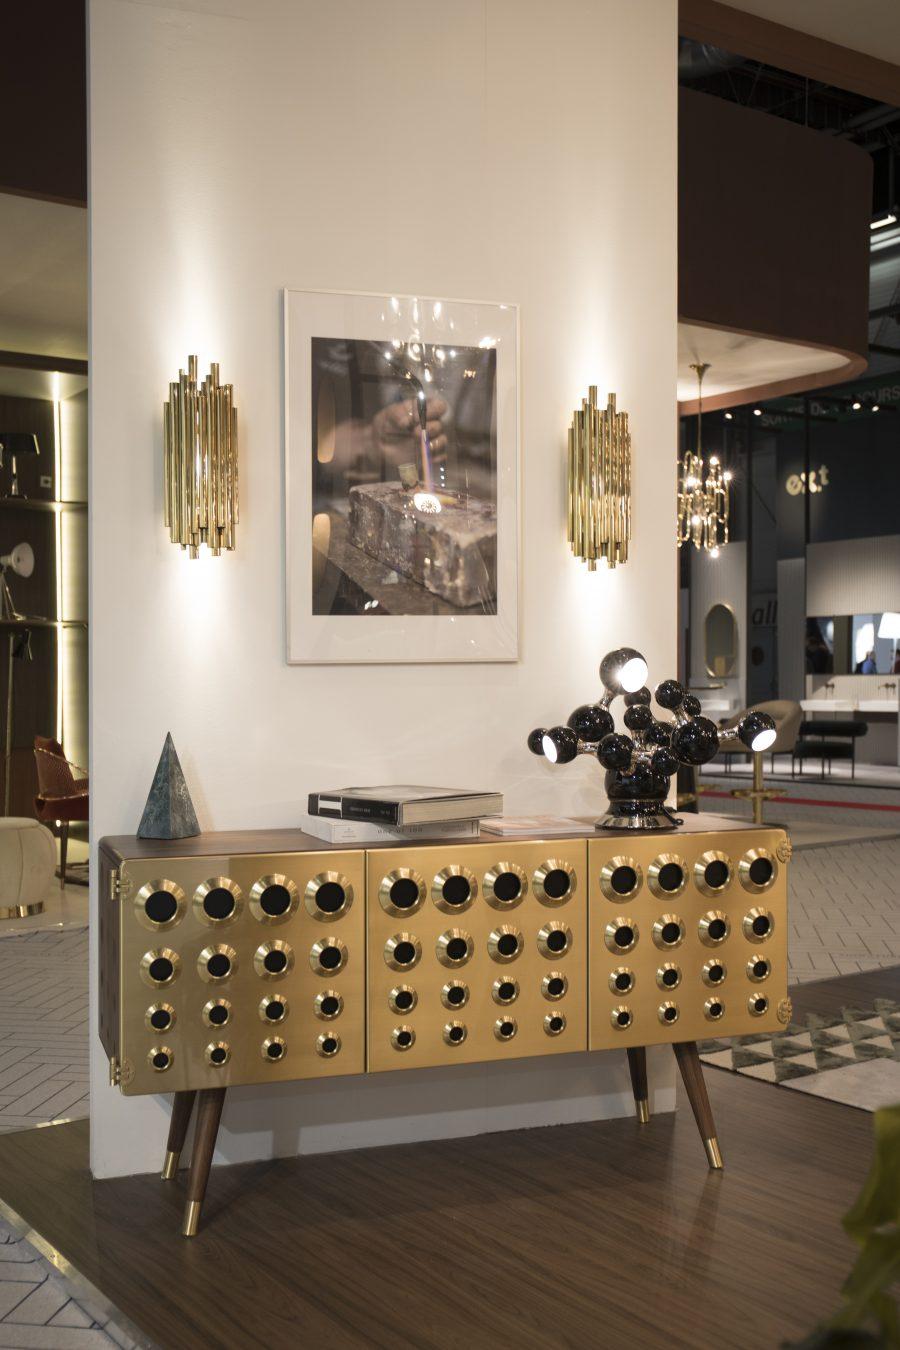 Amazing Mid-Century Furniture At Maison Et Objet mid-century furniture Amazing Mid-Century Furniture At Maison Et Objet Mid Century Furniture At Maison Et Objet 2019 3